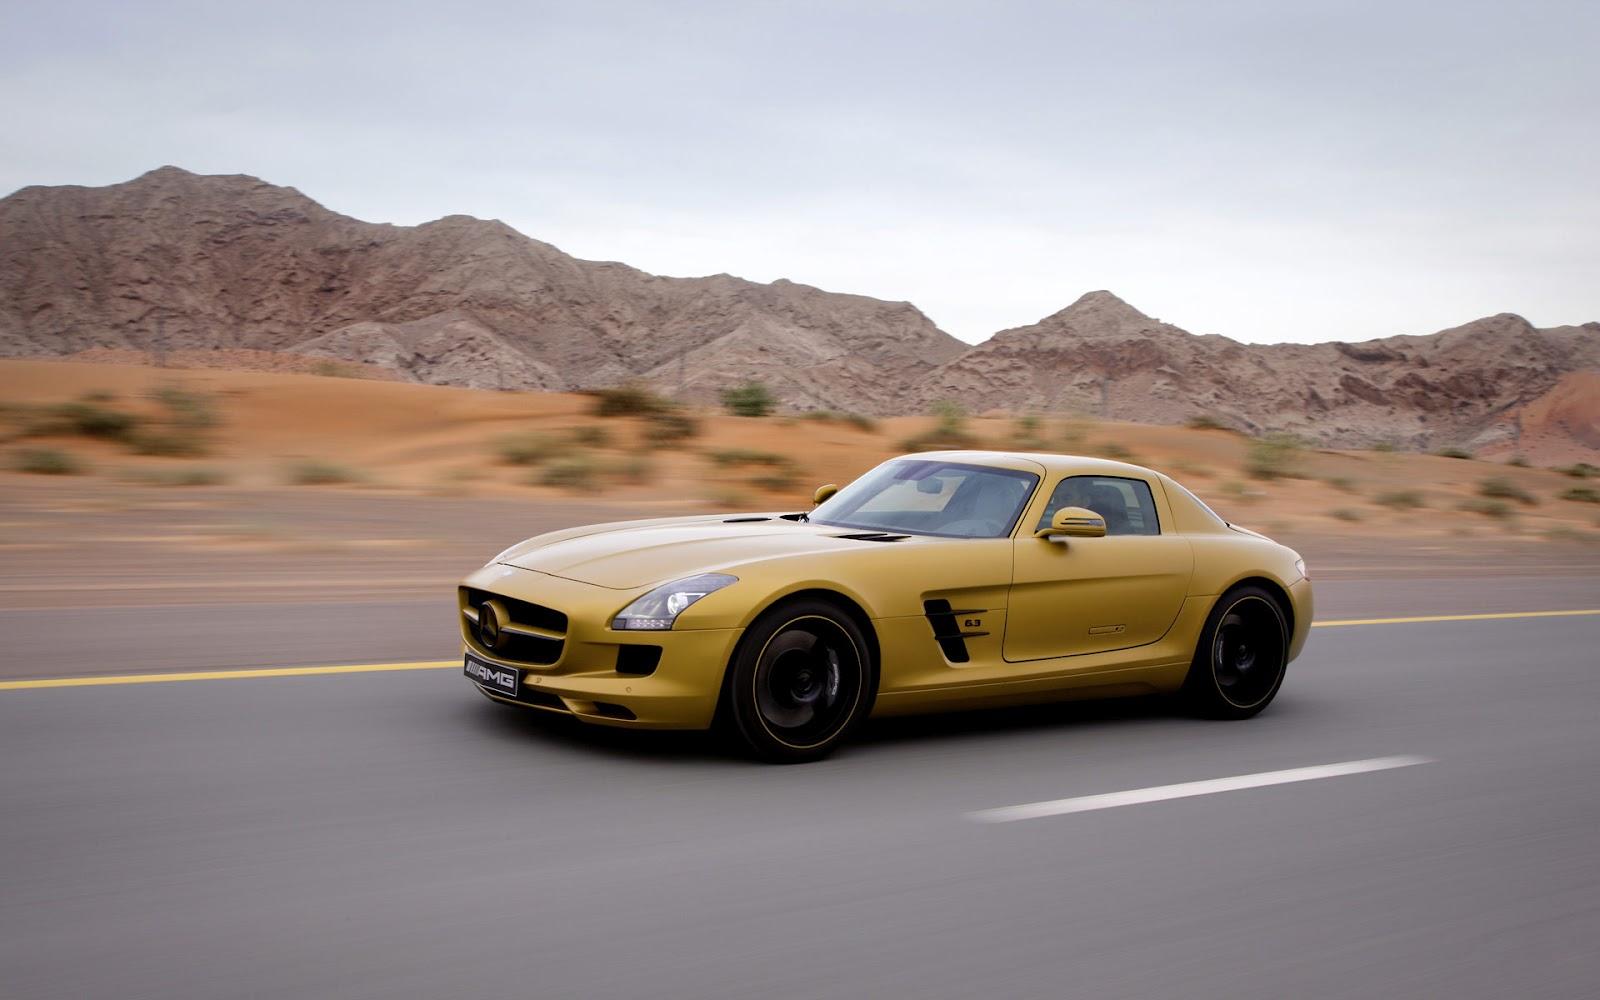 http://1.bp.blogspot.com/-zdAQsduCpt4/T51ze6DcS8I/AAAAAAAAbJw/cMLE67W85sM/s1600/Mercedes-Benz-AMG-SLS_08.jpg